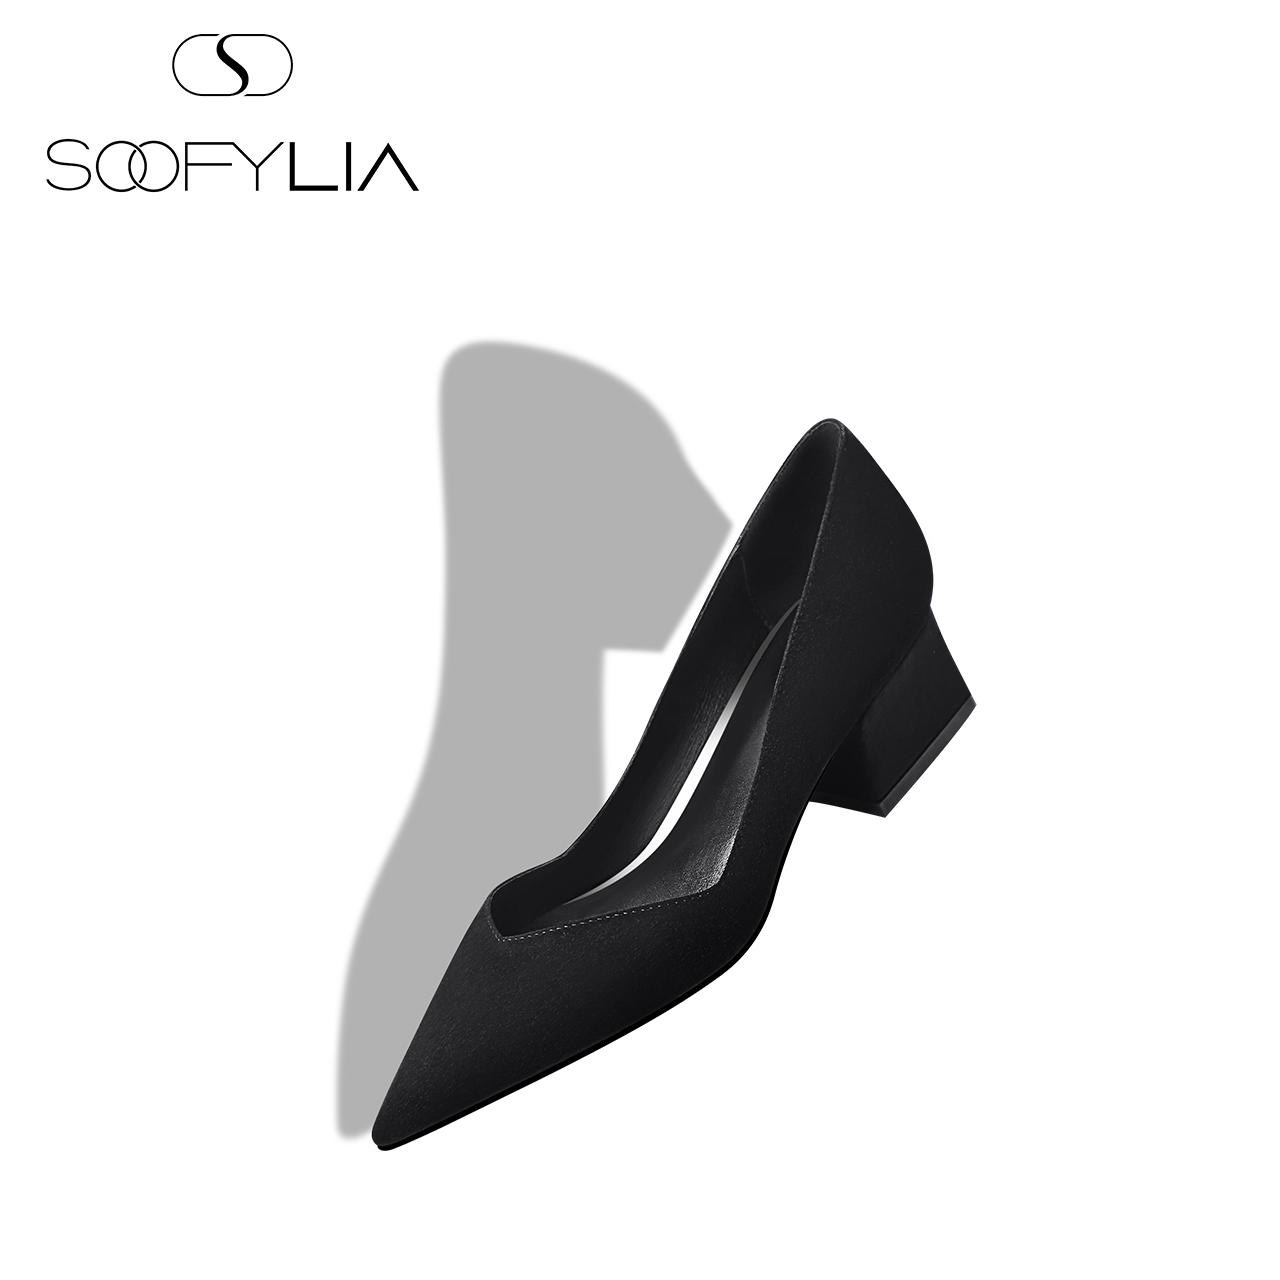 黑色尖头鞋 SOOFYLIA 宴会鞋履 2018春季新品 黑色羊反绒尖头粗跟单鞋女鞋_推荐淘宝好看的黑色尖头鞋